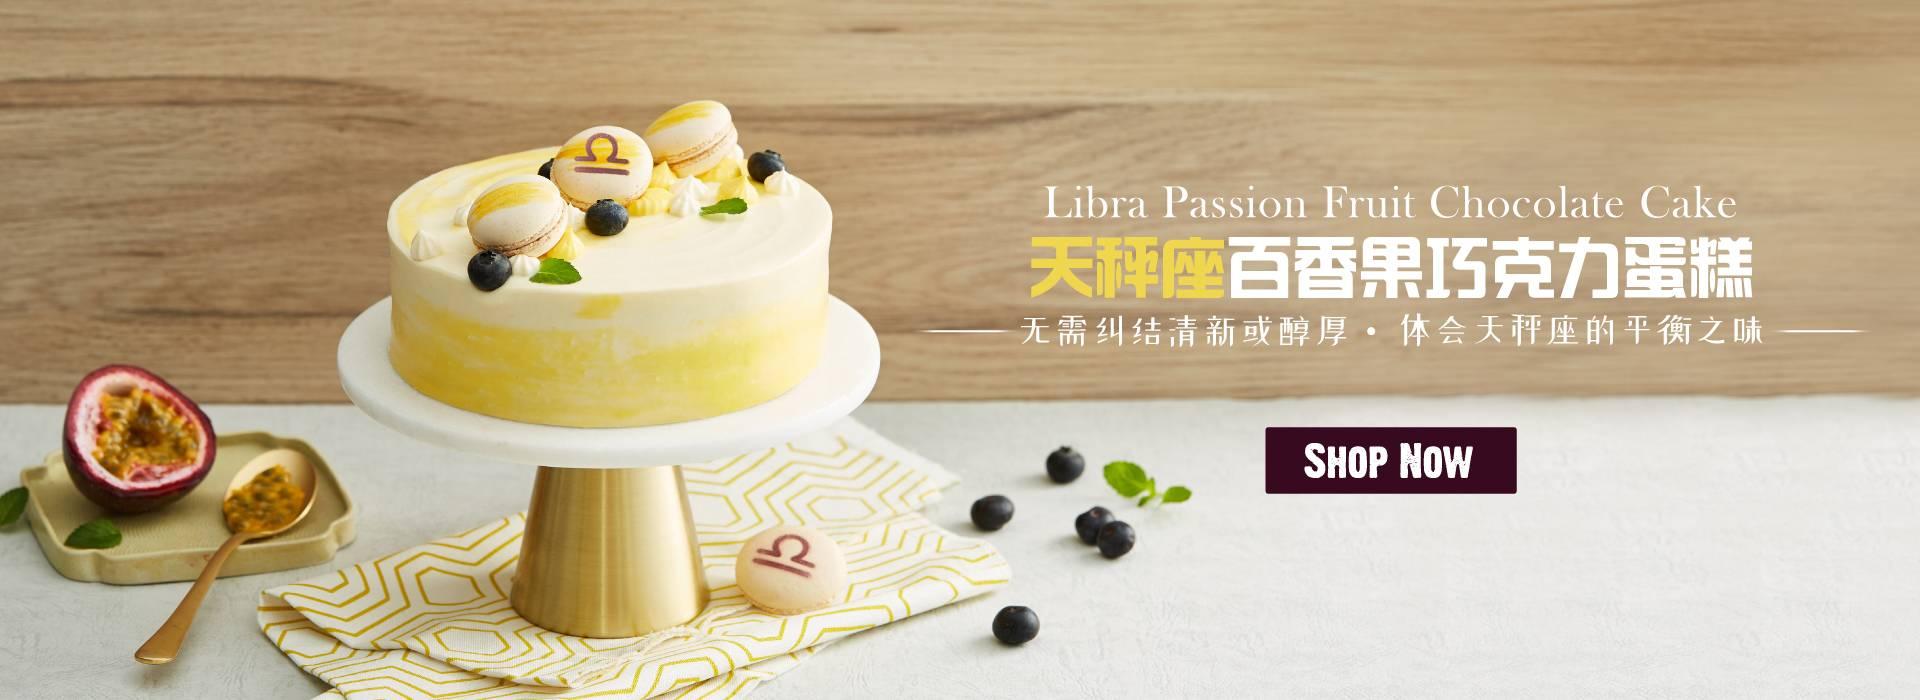 天秤座蛋糕